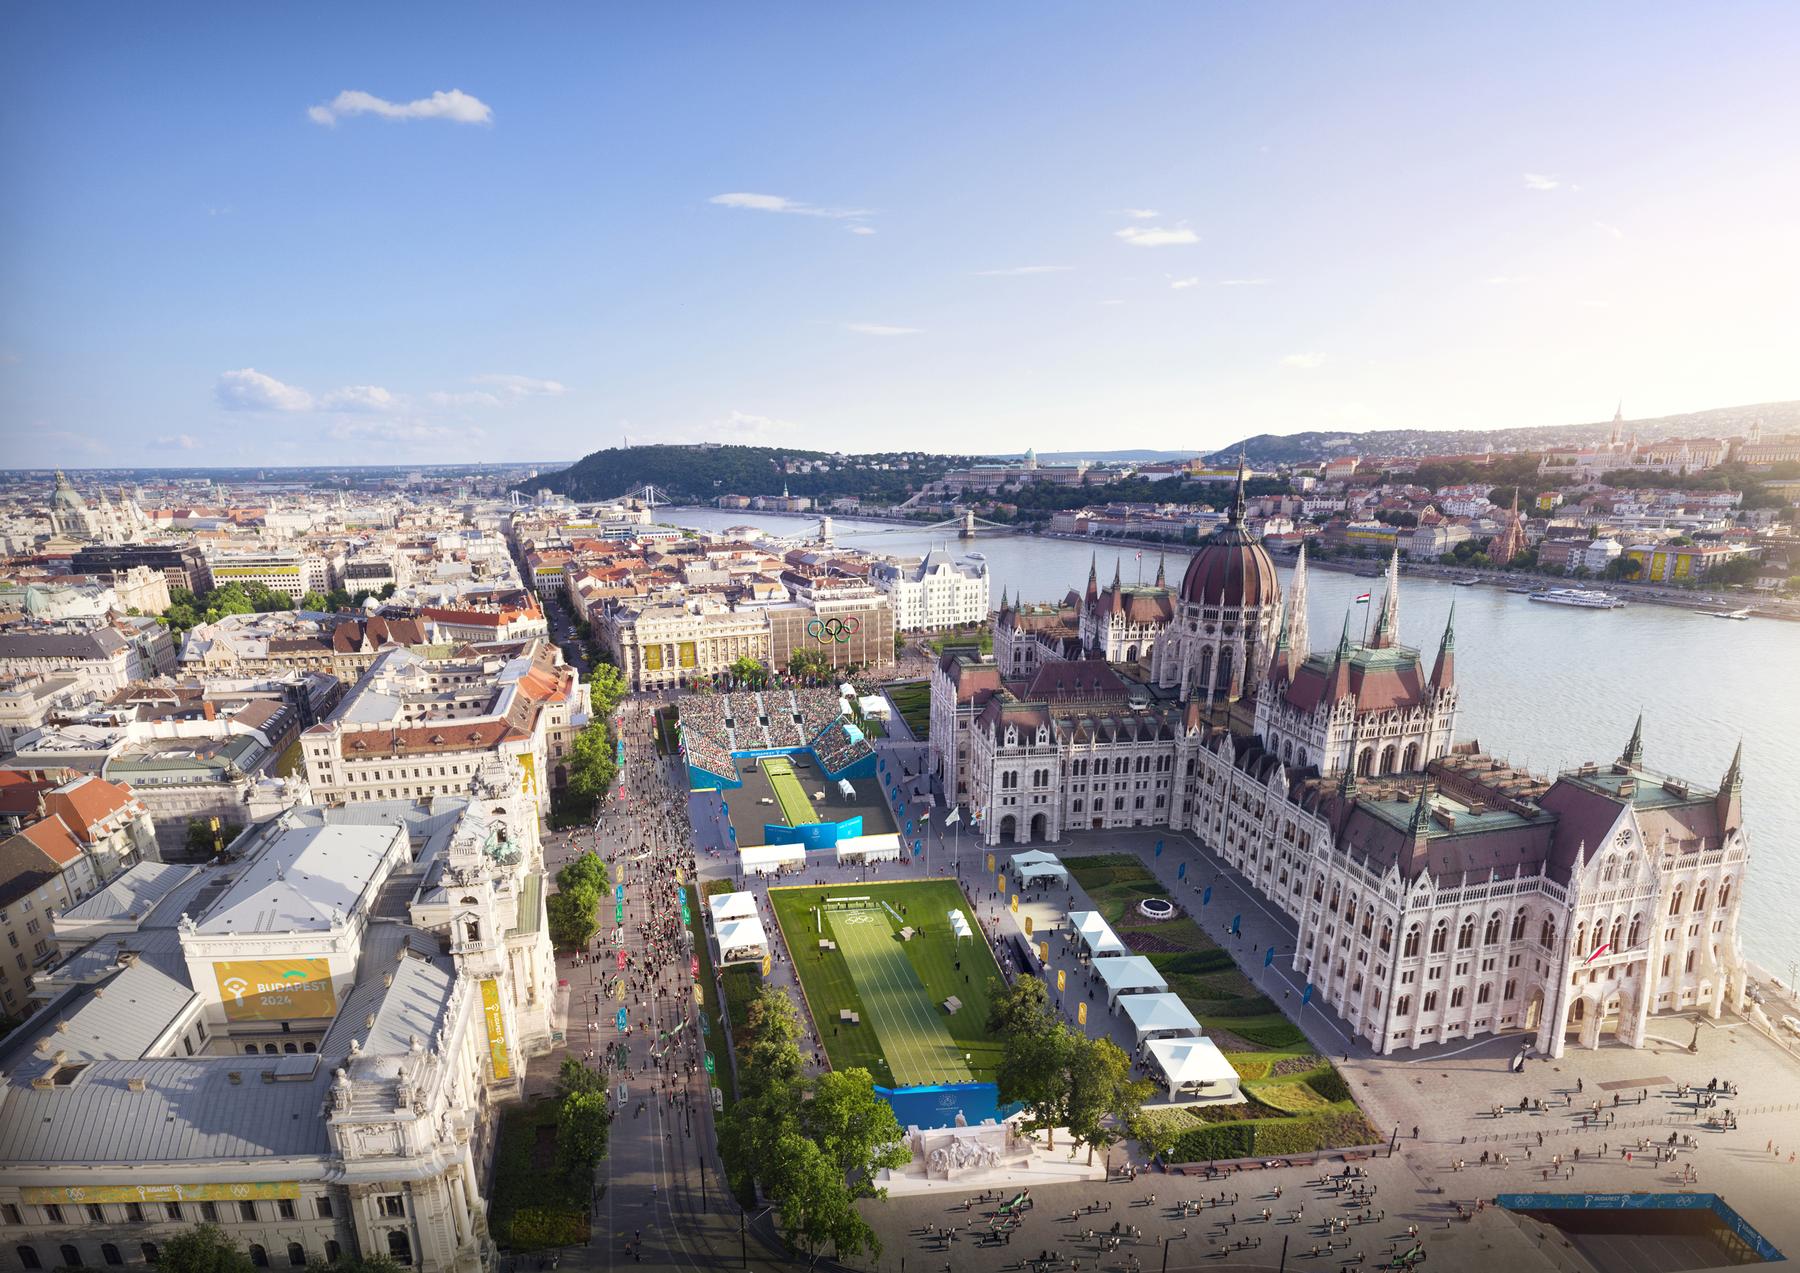 A megújuló Városliget és környéke több sportág szerelmesei számára szolgál majd felejthetetlen élményekkel, az igazán szerencsés környékbeliek például az ablakaikból is rálátnak majd némelyik versenyre. A győztest 2017 szeptemberében, Limában választják ki, jelenleg Budapest mellett Párizs és Los Angeles van még versenyben.  A látványtervek a Brick Visual közreműködésével készültek.